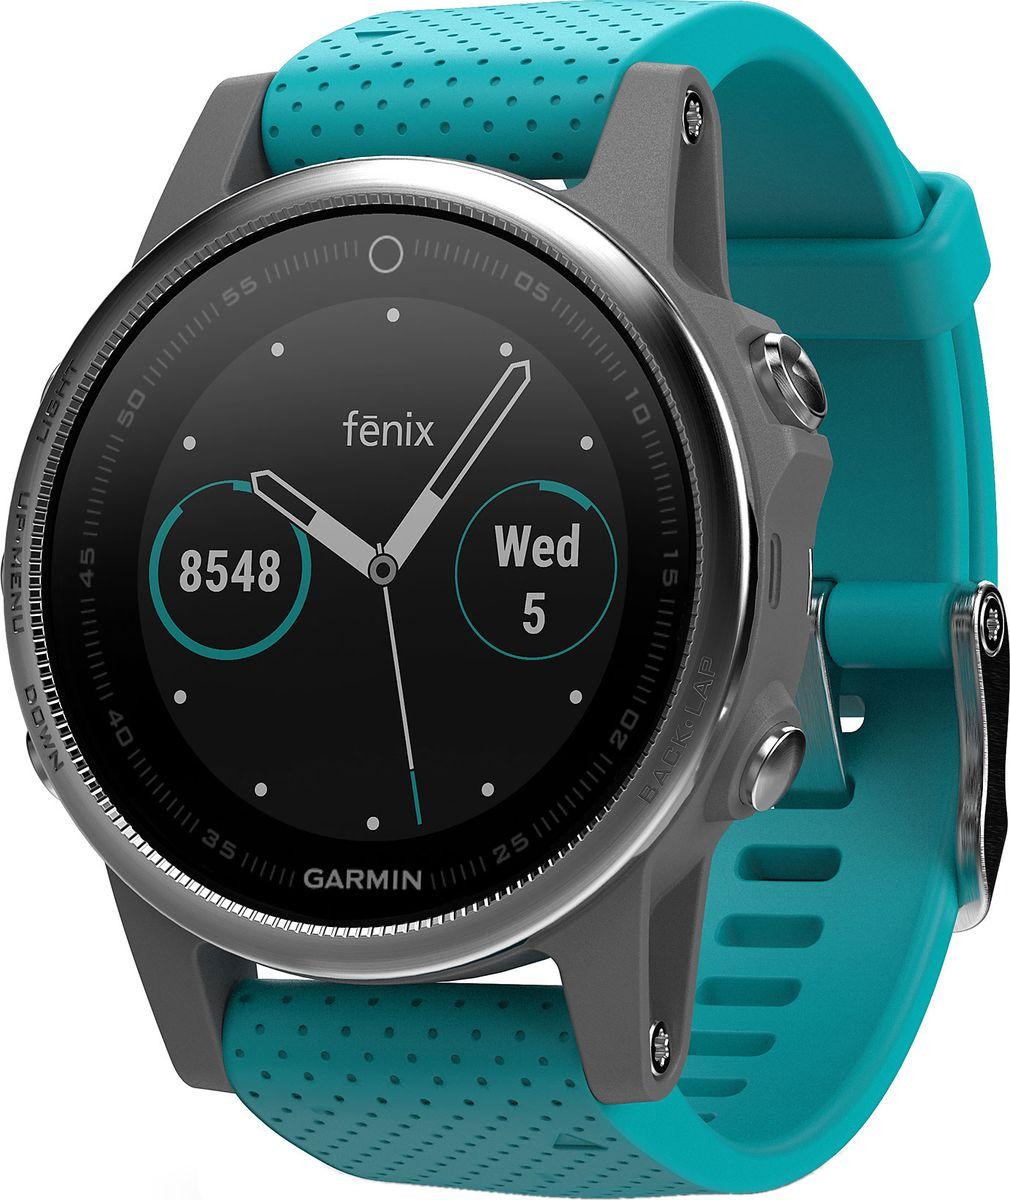 Часы спортивные Garmin Fenix 5S, цвет: серебристый. 010-01685-01010-01685-01Часы с GPS/ГЛОНАСС для повседневной жизни, приключений, фитнеса и спортаFenix 5S компактные часы (42мм) серебристые с бирюзовым ремешкомПремиум-часы с GPS/ГЛОНАСС, мультиспортивными тренировками и встроенным оптическим пульсометром Elevate1Созданы для активных приключений: прочный корпус со стальным безелем, кнопками и задней крышкой, защита от воды 100мВиджеты, которые показывают эффективность ход тренировок доступны одним касаниемСмарт функции2 - интеллектуальные оповещения, автоматическая загрузка в интернет-сообщество Garmin Connect и персонализация через загружаемые бесплатные циферблаты и приложения из магазина Connect IQВстроенные датчики: GPS и ГЛОНАСС, 3-х осевой магнитный компас, гироскоп, термометр, барометр и барометрический высотомерСрок работы от батареи: до двух недель в режиме умных часов (зависит от настроек), до 24 часов в режиме тренировки с GPS или до 60 часов в режиме экономии UltraTracСовершенствуйтесь весь день, каждый день. Fenix 5 - это высококачественные умные GPS-часы с мультиспортом, интеллектуальными уведомлениями2 и встроенным оптическим пульсометром на запястье1. Улучшенные функции фитнеса и быстросменные ремешки, которые позволяют вам уйти с рабочего места на тренировку, без задержек. Каким бы видом спорта вы не занимались, Fenix 5 его поддерживает, благодаря встроенным профилям деятельности и показателям производительности.Две системы навигацииFenix 5 оснащен улучшенным спутниковым приемником GPS и ГЛОНАСС для отслеживания местоположения в сложных условиях. Вы можете рассчитывать на длительное время автономной работы в каждом режиме работы (конкретное время зависит от модификации часов и настроек). Защита от воды 100м позволит вам с уверенностью путешествовать везде, где захочется.Отличная читаемость на ходуЯркий полноцветный дисплей Garmin Chroma Display со светодиодной подсветкой обеспечивает отличную читаемость при любых внешних условиях. Трансфлективная т